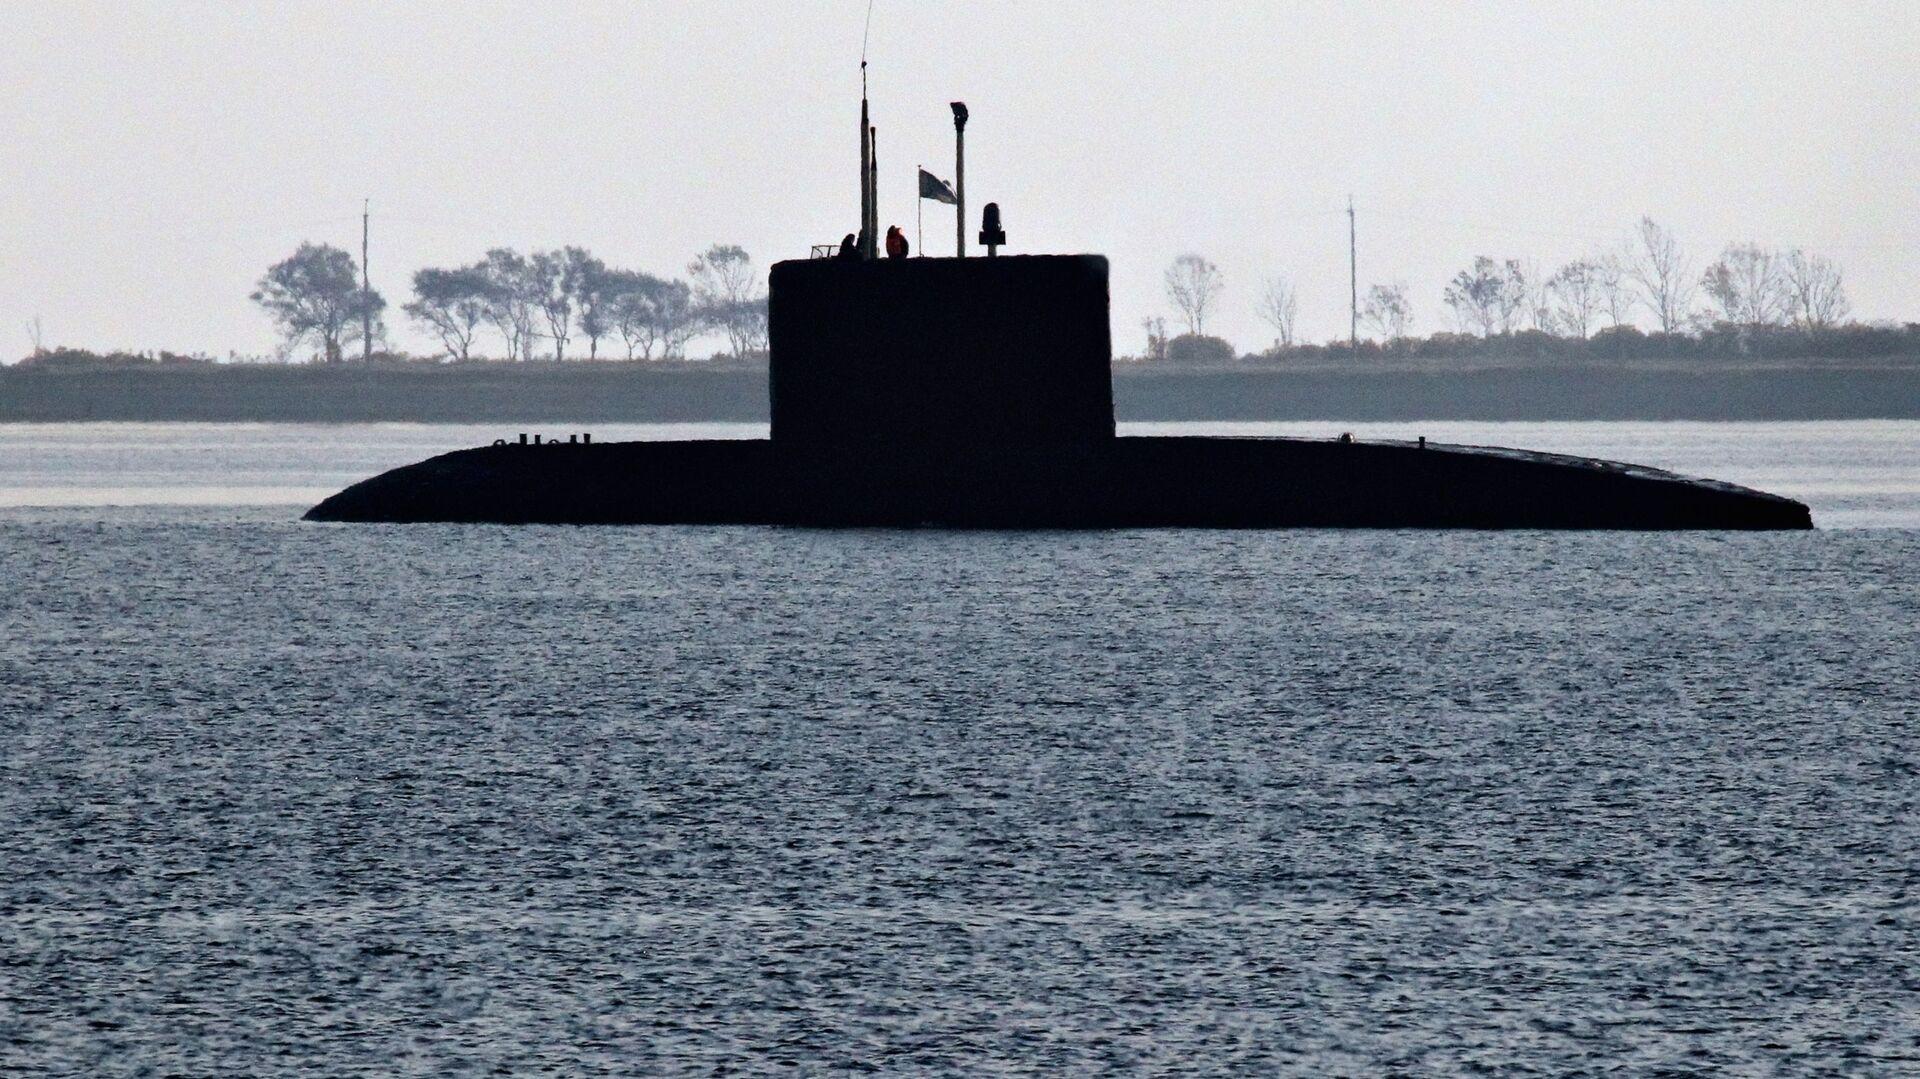 Ruská ponorka třídy Kilo - Sputnik Česká republika, 1920, 10.07.2021